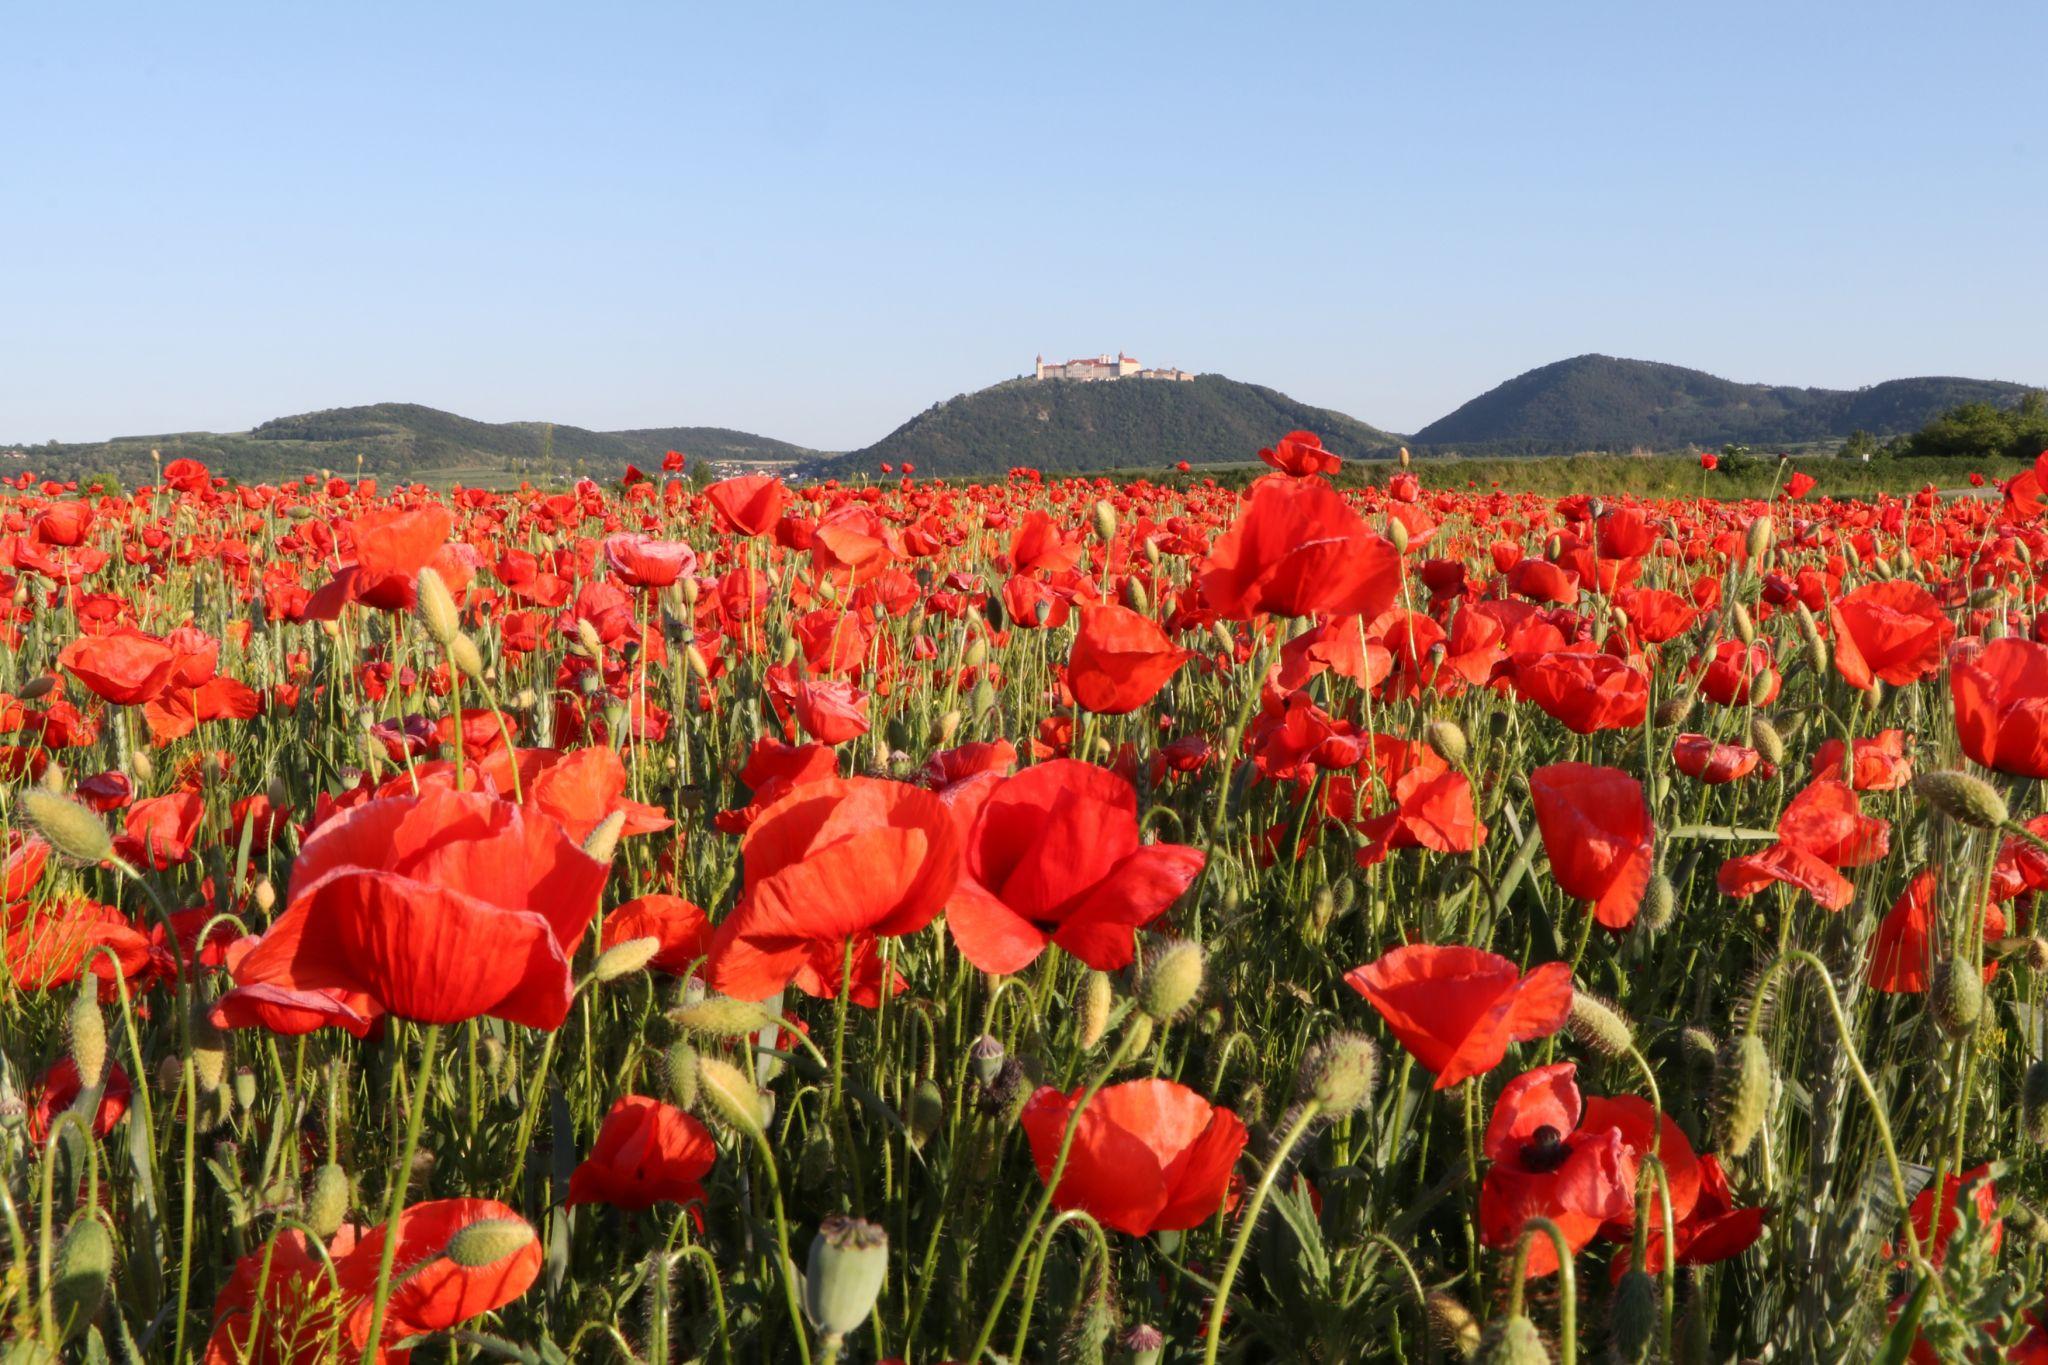 Red poppy field Göttweig, Austria